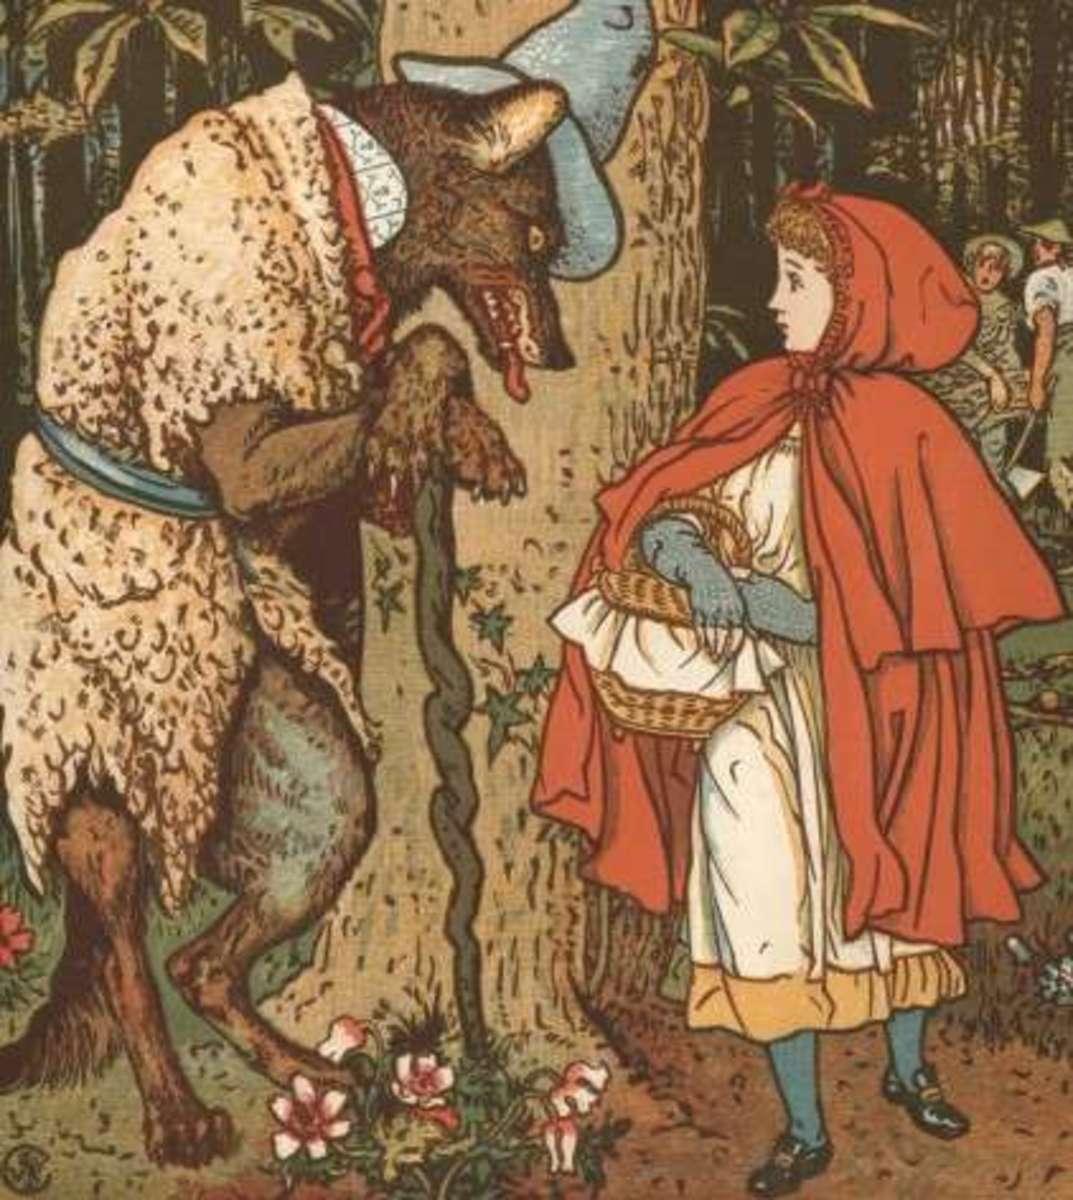 Walter Crane interprets wolf as an older man